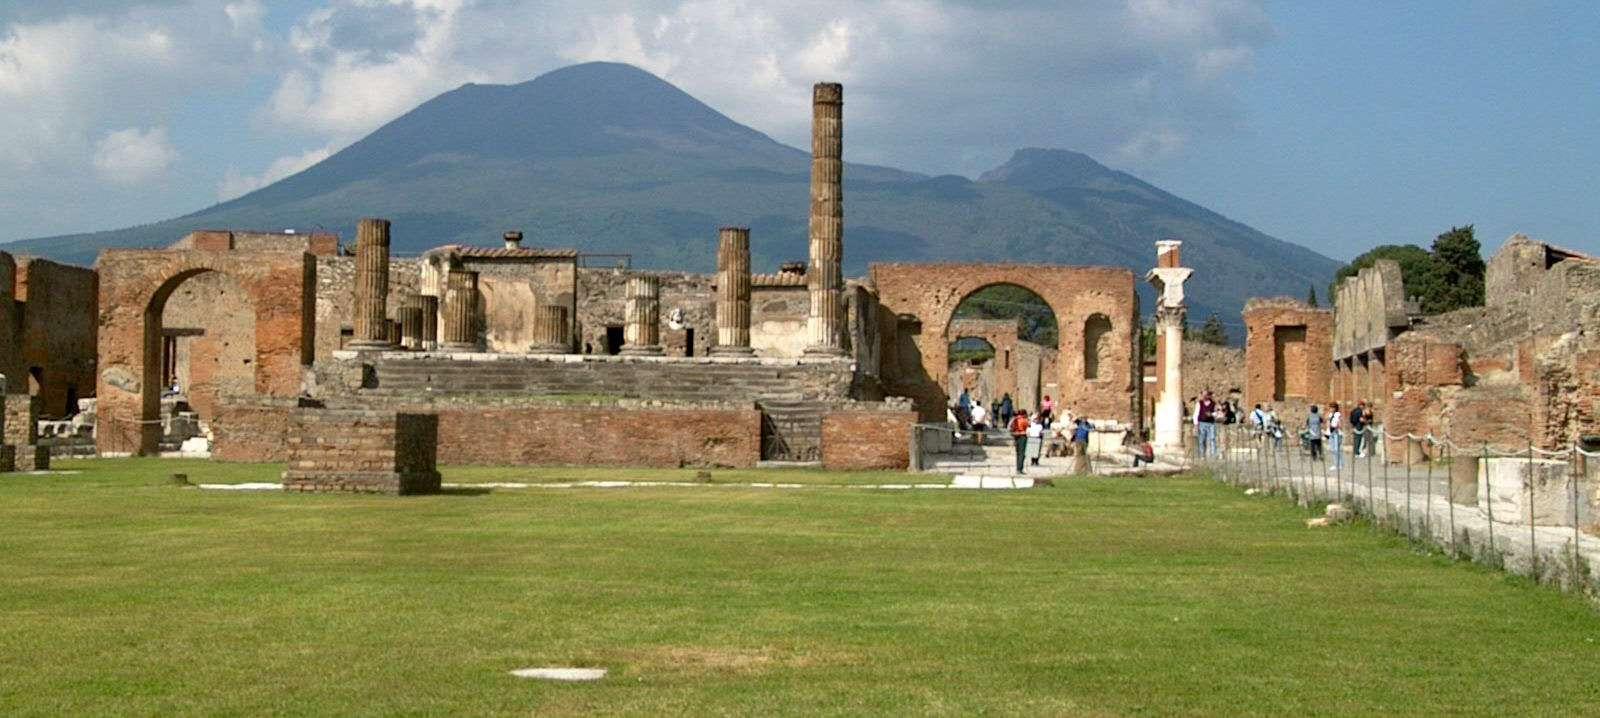 Les ruines de Pompéi et le Vésuve